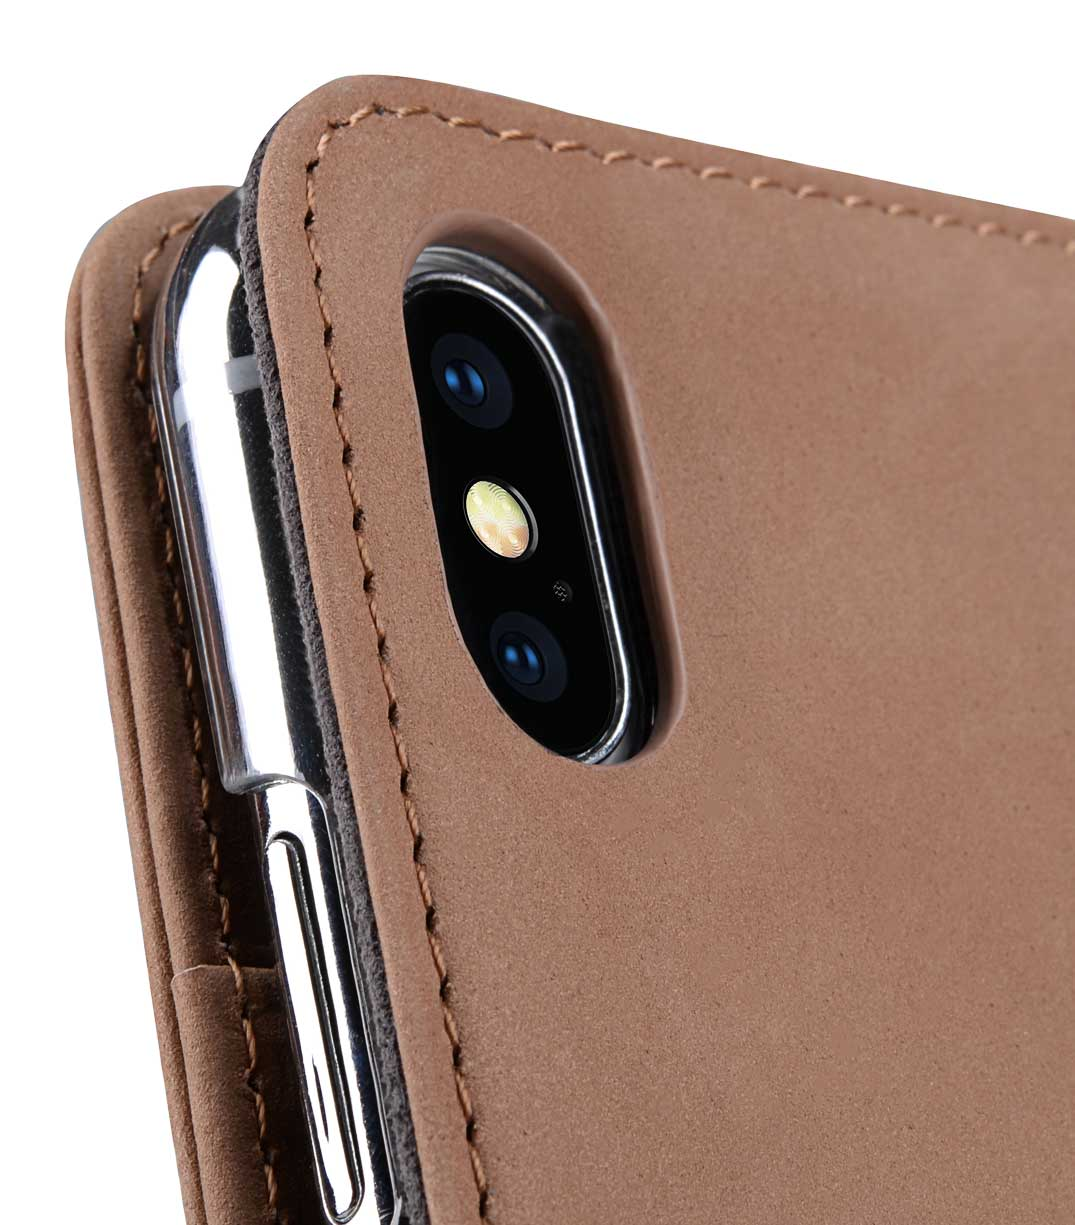 Melkco iPhone XS / X (5.8インチ) (2018 & 2017) ケース 本革 プレミアム レザー ハンドメイド ウォレット ブック タイプ 手帳型 (横開き) 【 クラシック・ビンテージ・ブラウン 】